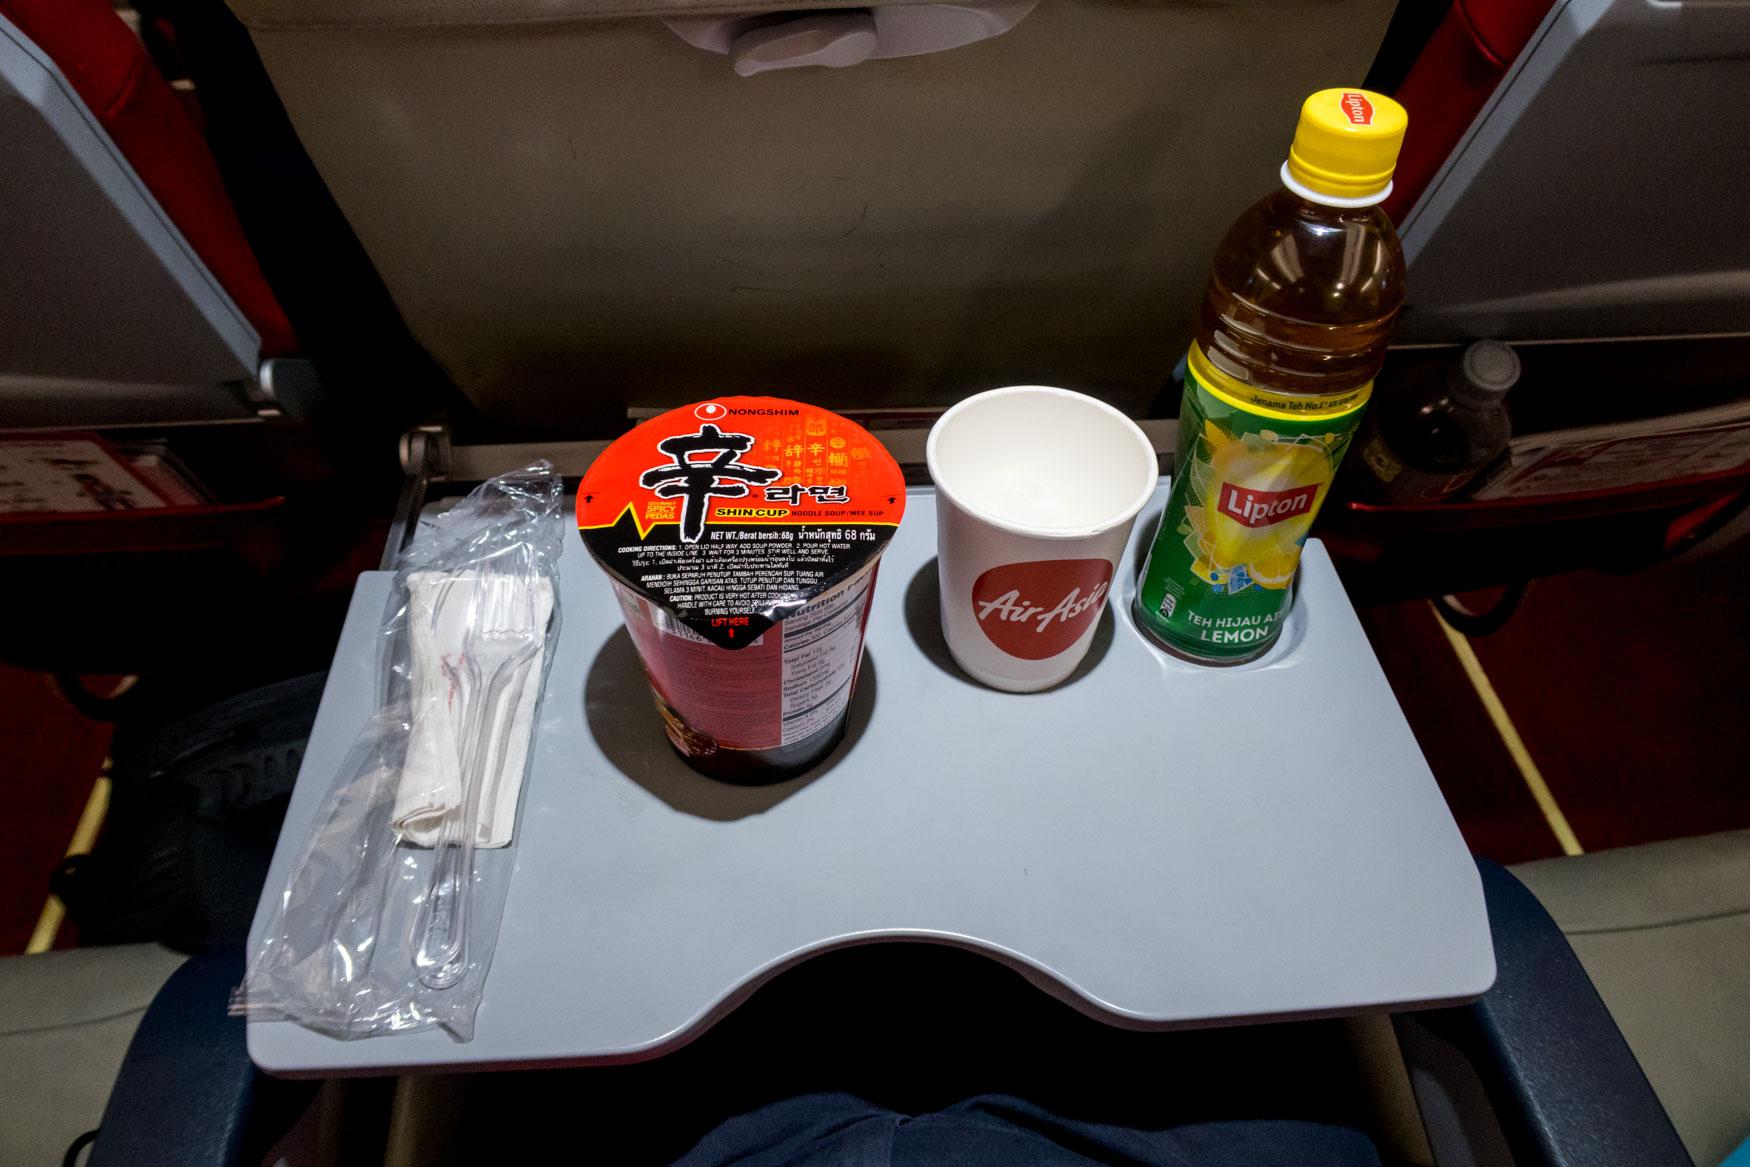 AirAsia X Cup Noodles